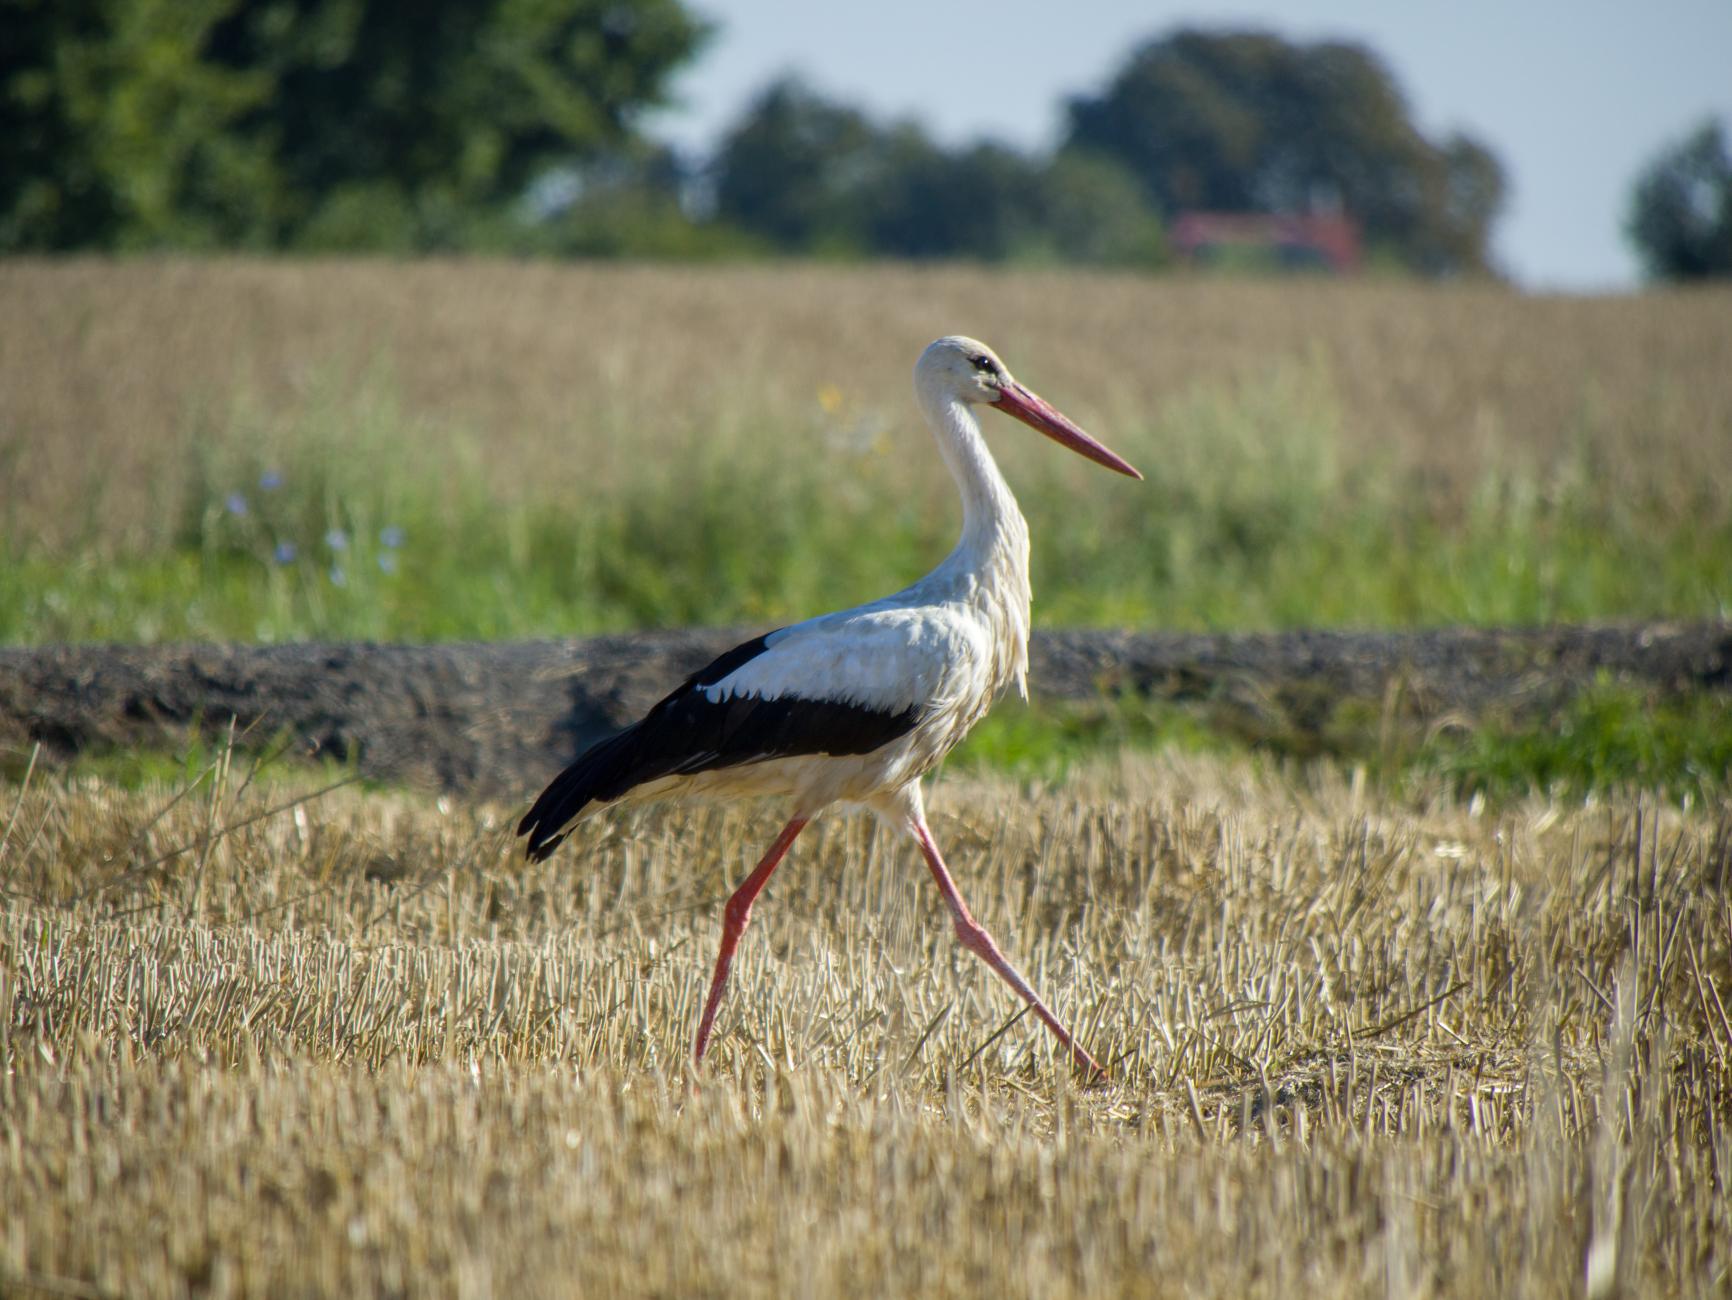 Stork in field near my home